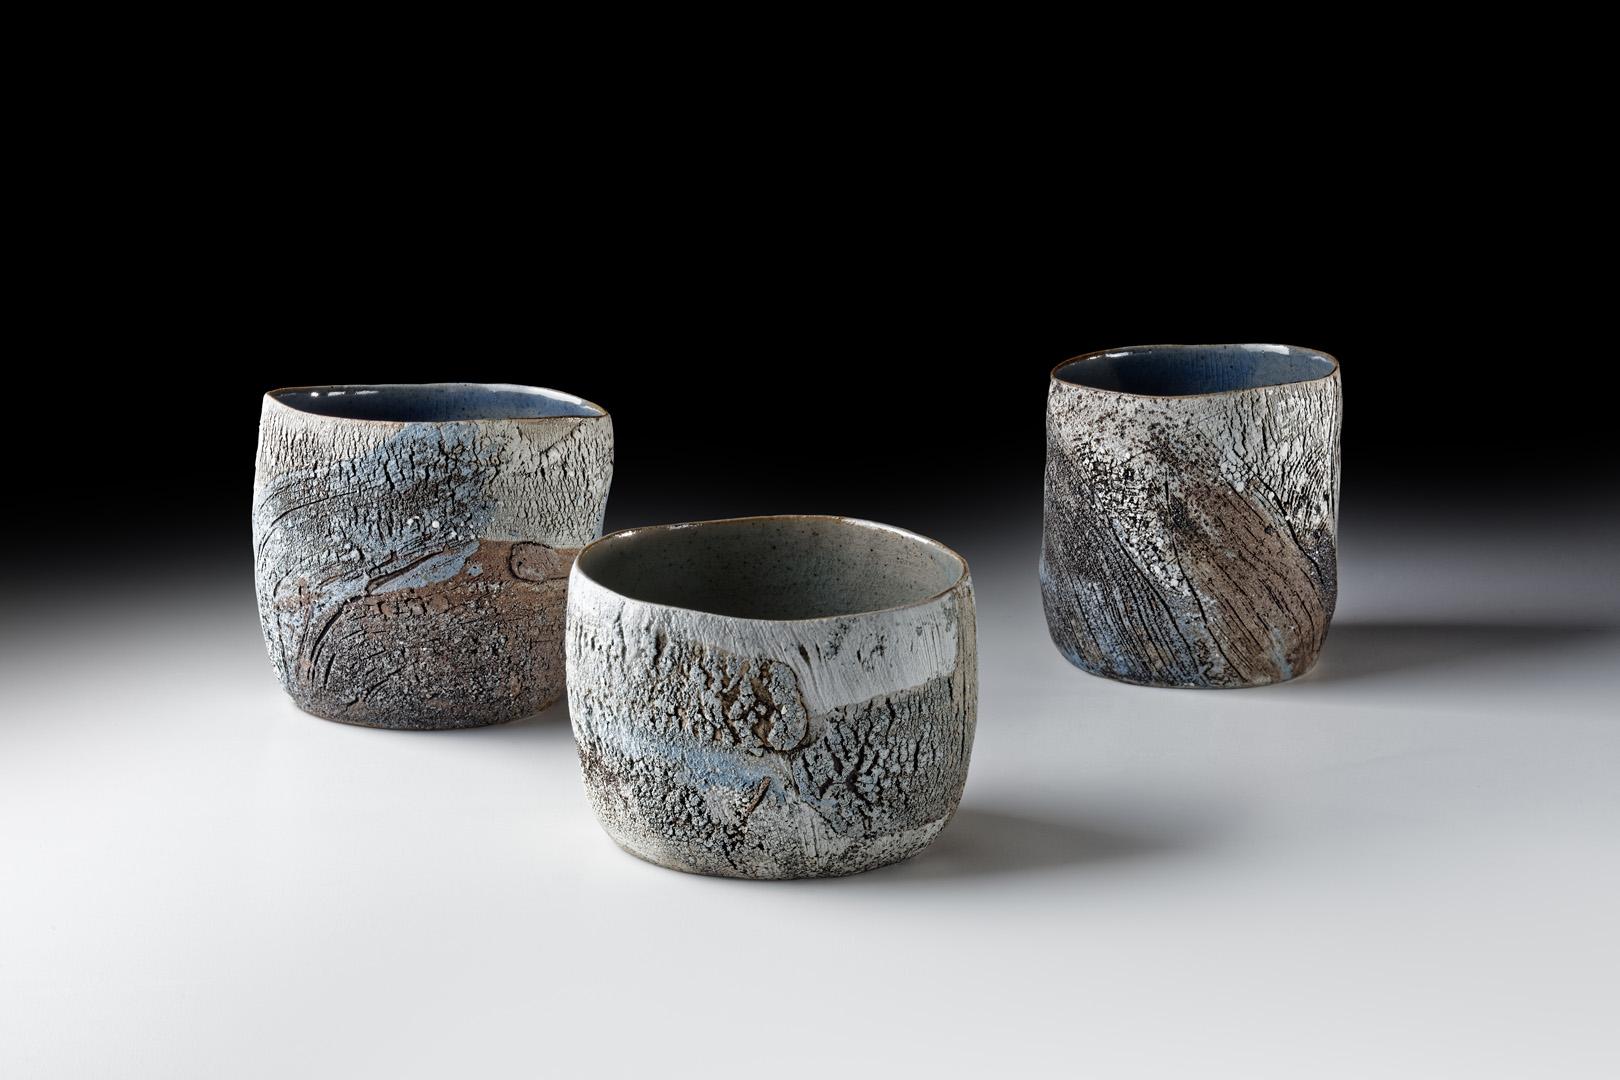 Strukturbecher; H 7,5 cm – 9 cm; Durchmesser 10 – 11 cm; 2016; Steinzeug